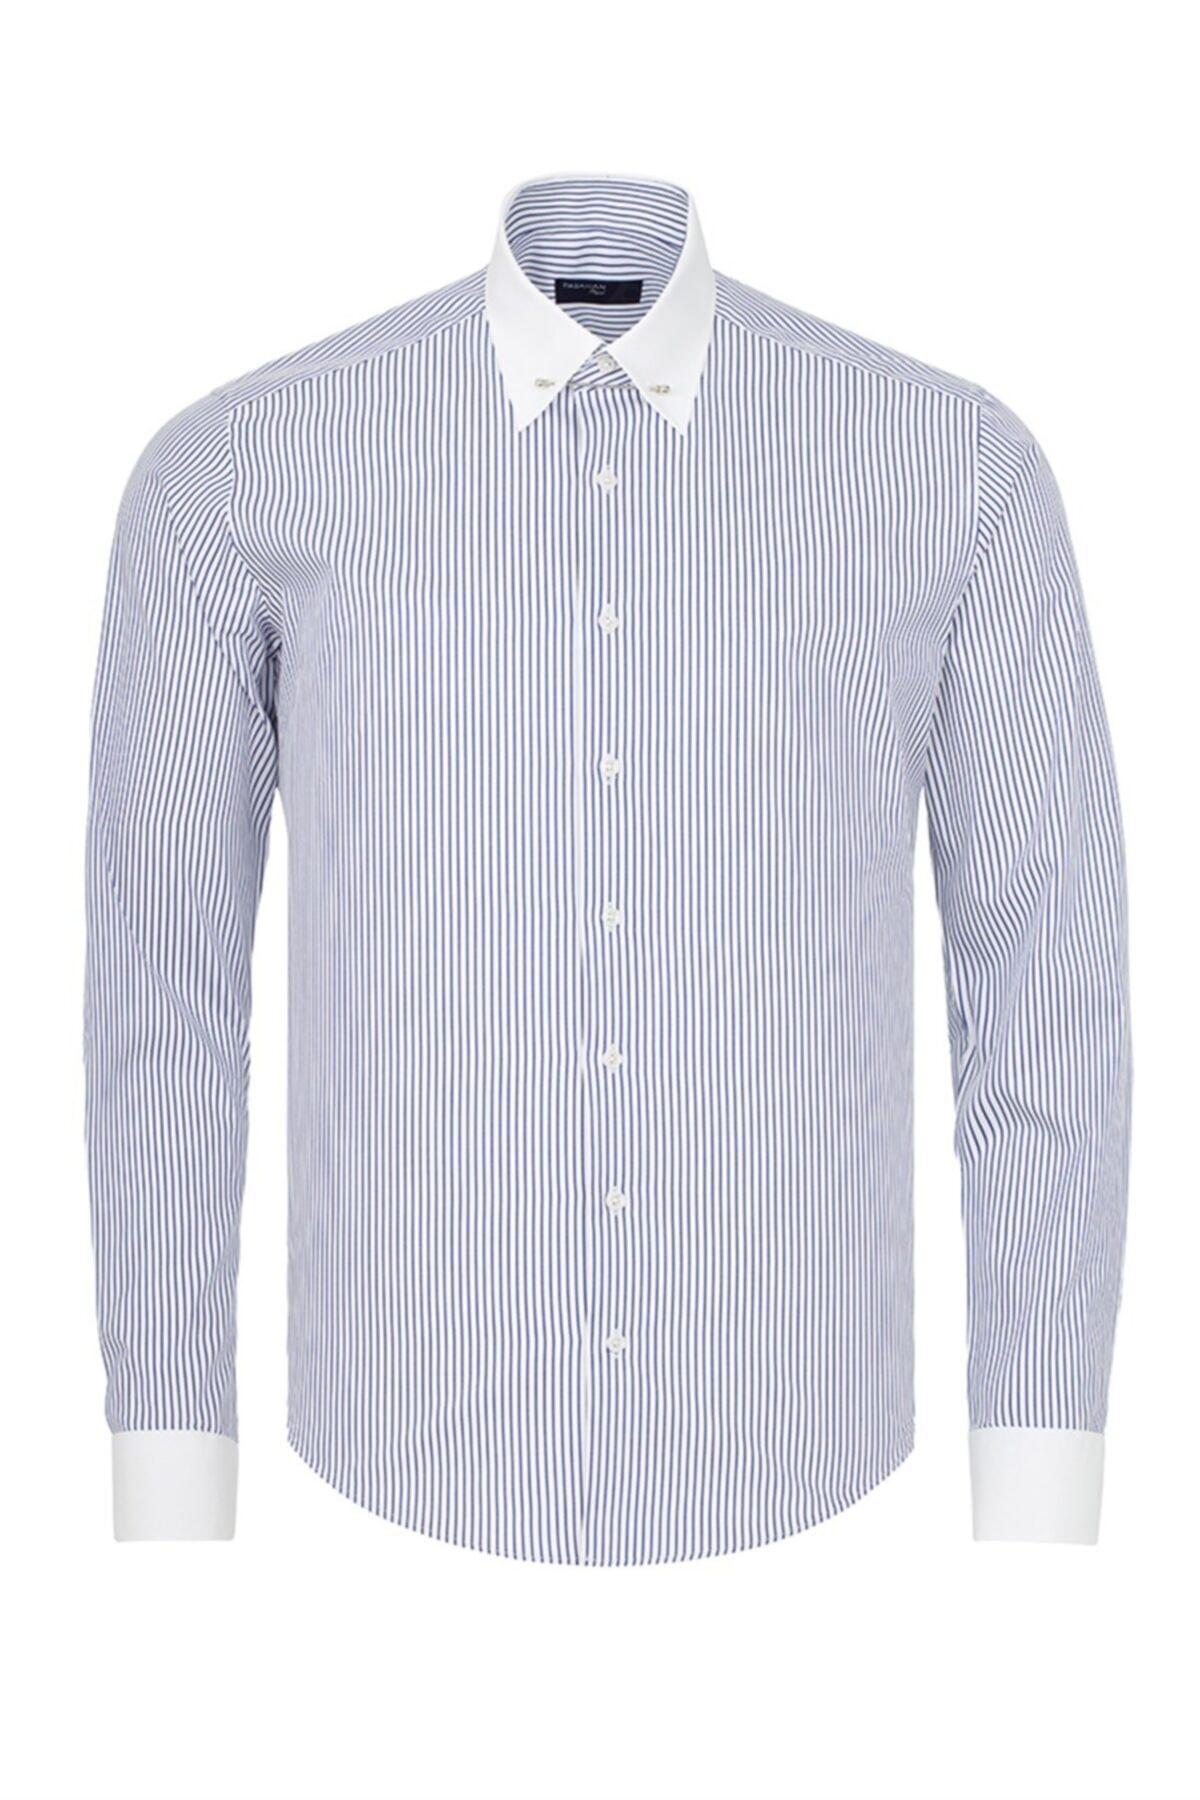 Paşahan Erkek Mavi Beyaz Çizgili Slim Fit Yaka İğneli Gömlek 1